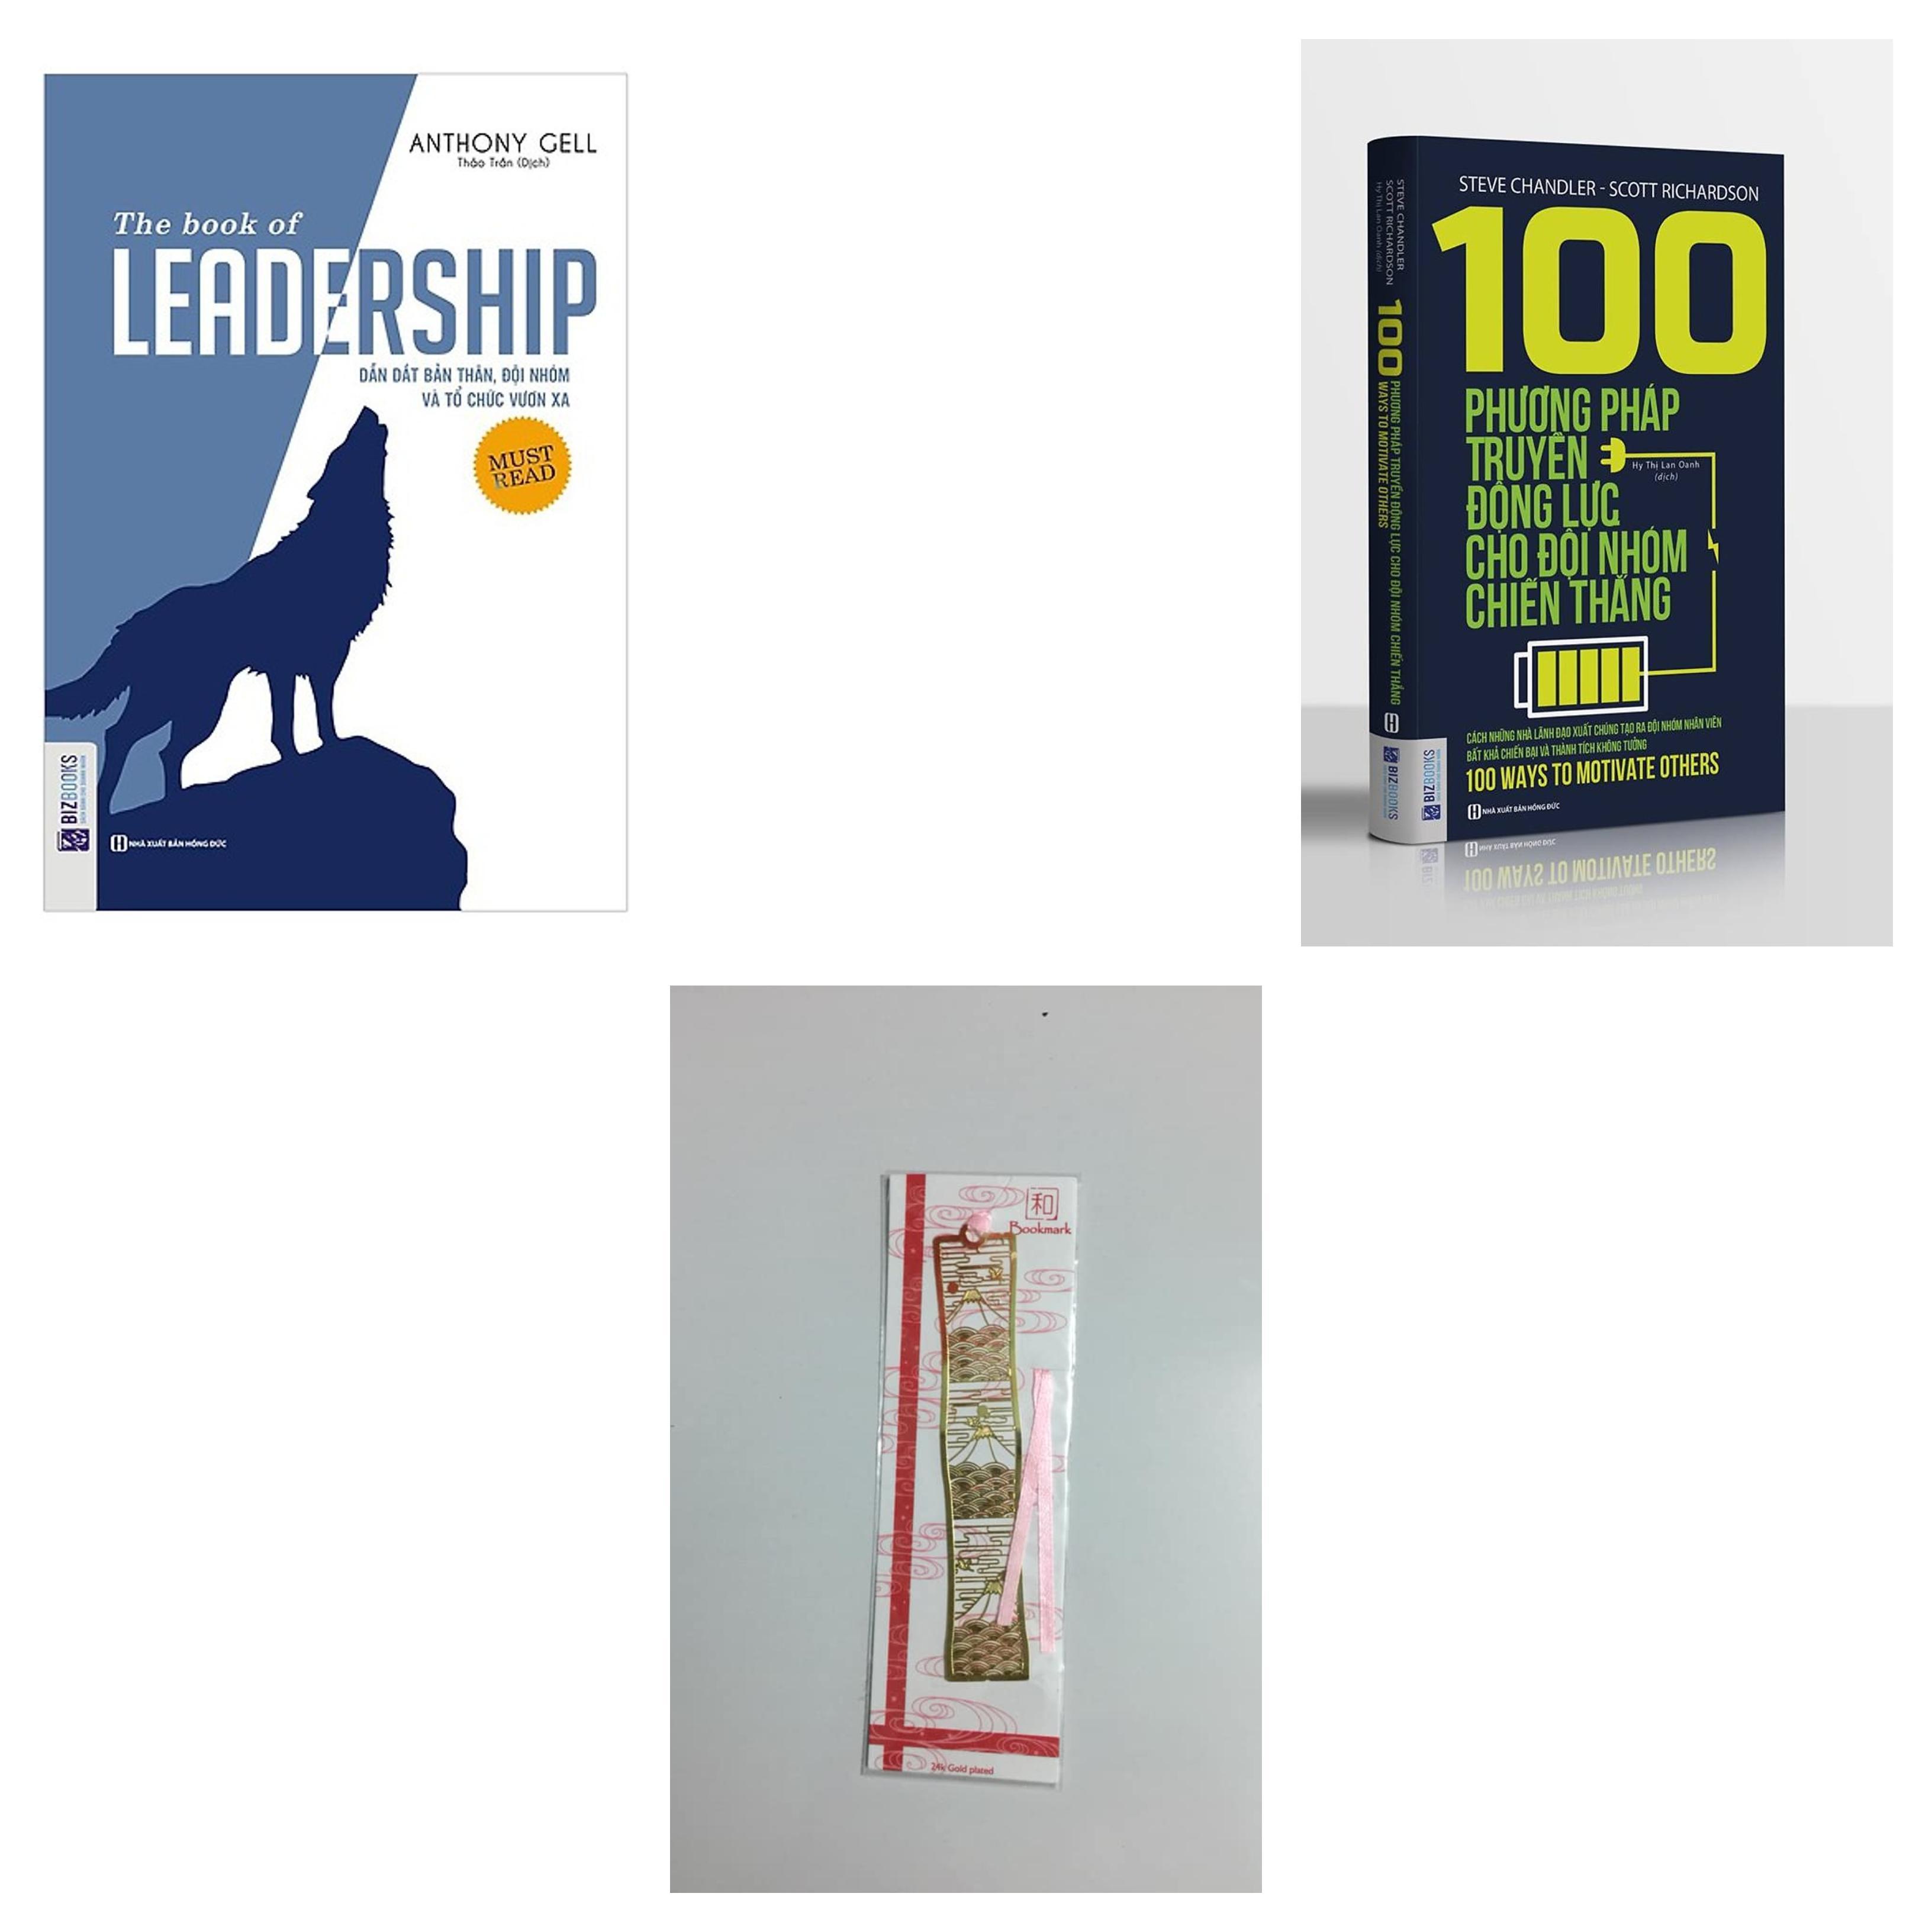 Mua combo 2 cuốn:leadership+100 phương pháp truyền động lực cho đội nhóm chiến thắng